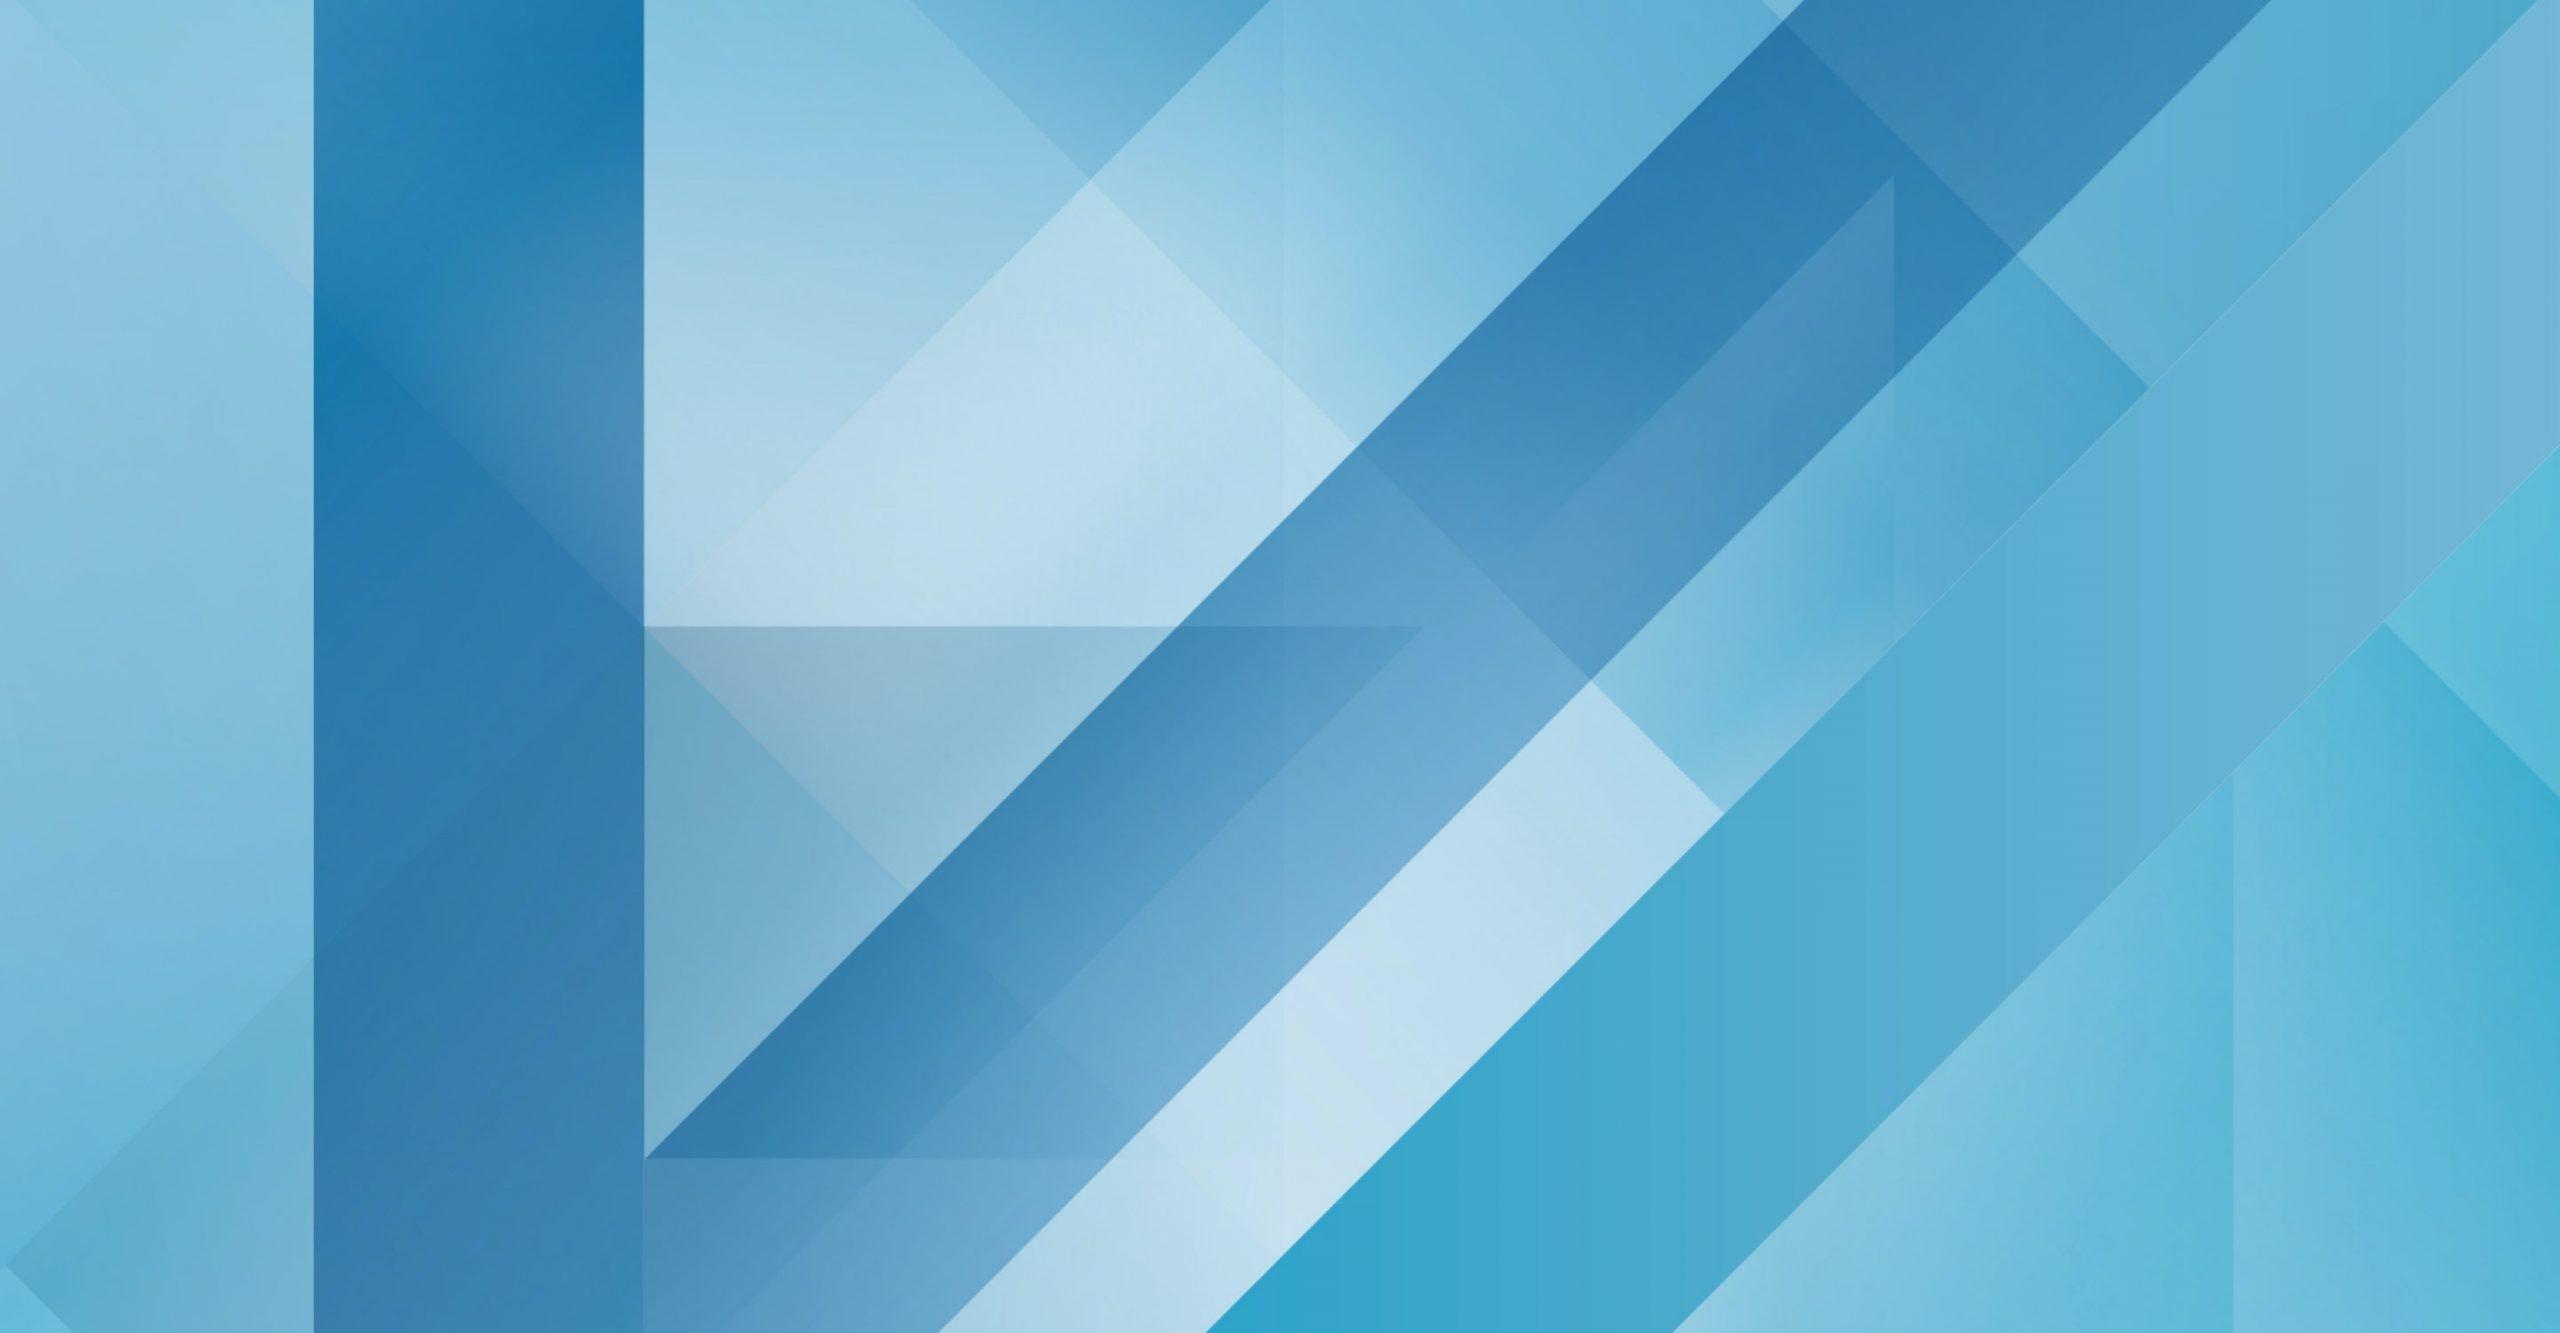 Schwabe, Ley und Greiner kristallines Key Visual